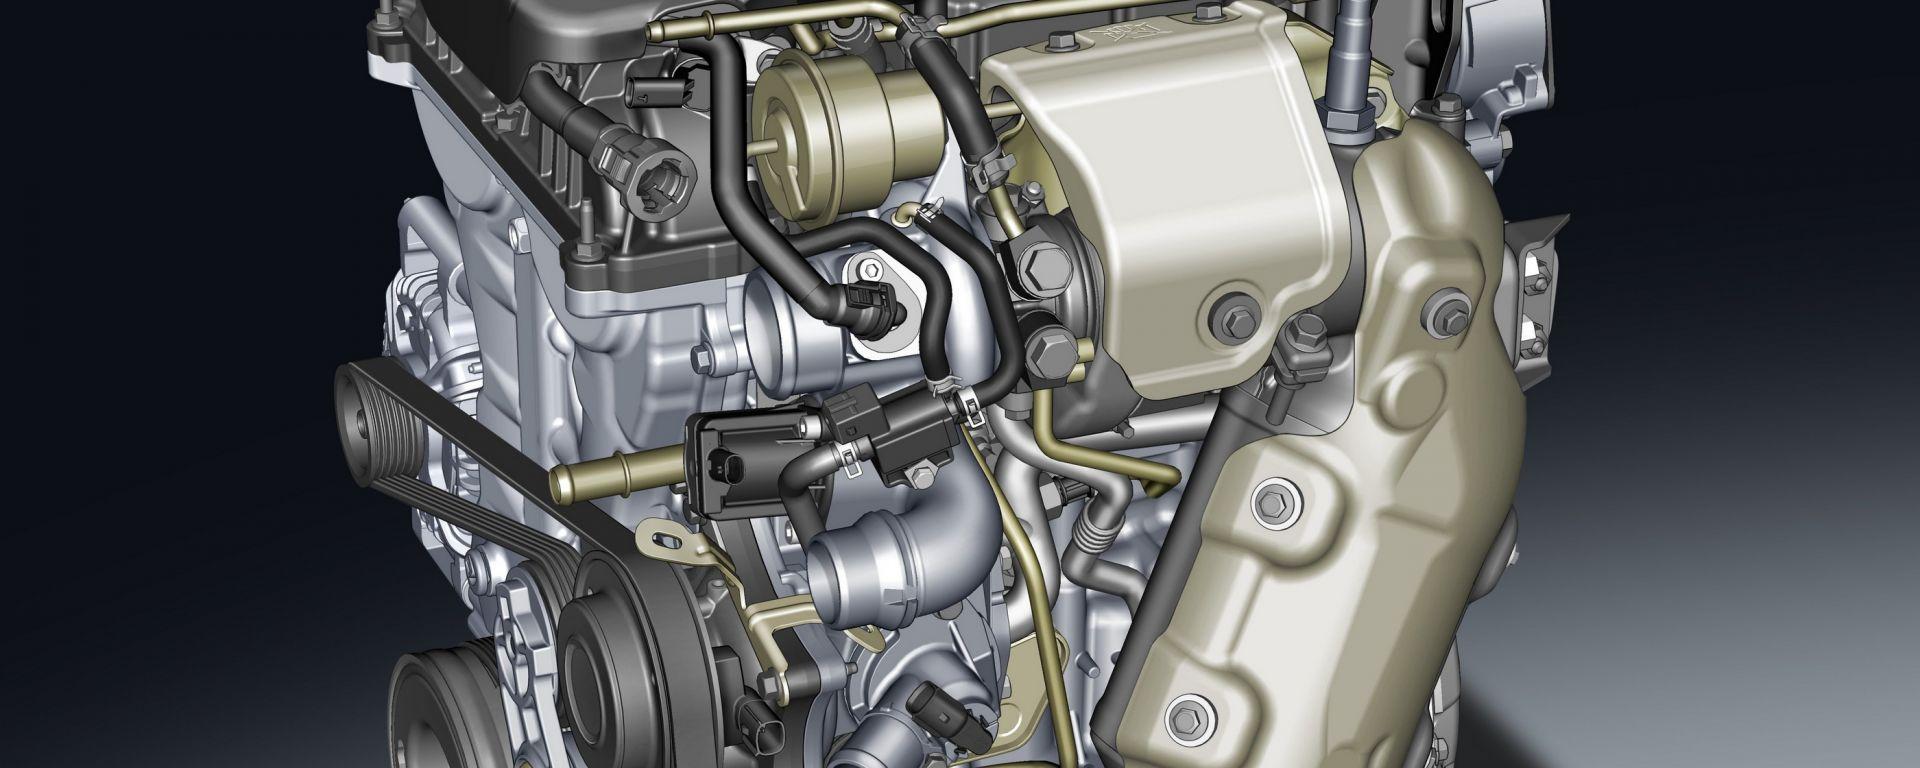 Opel: un 3 cilindri turbo per la Adam